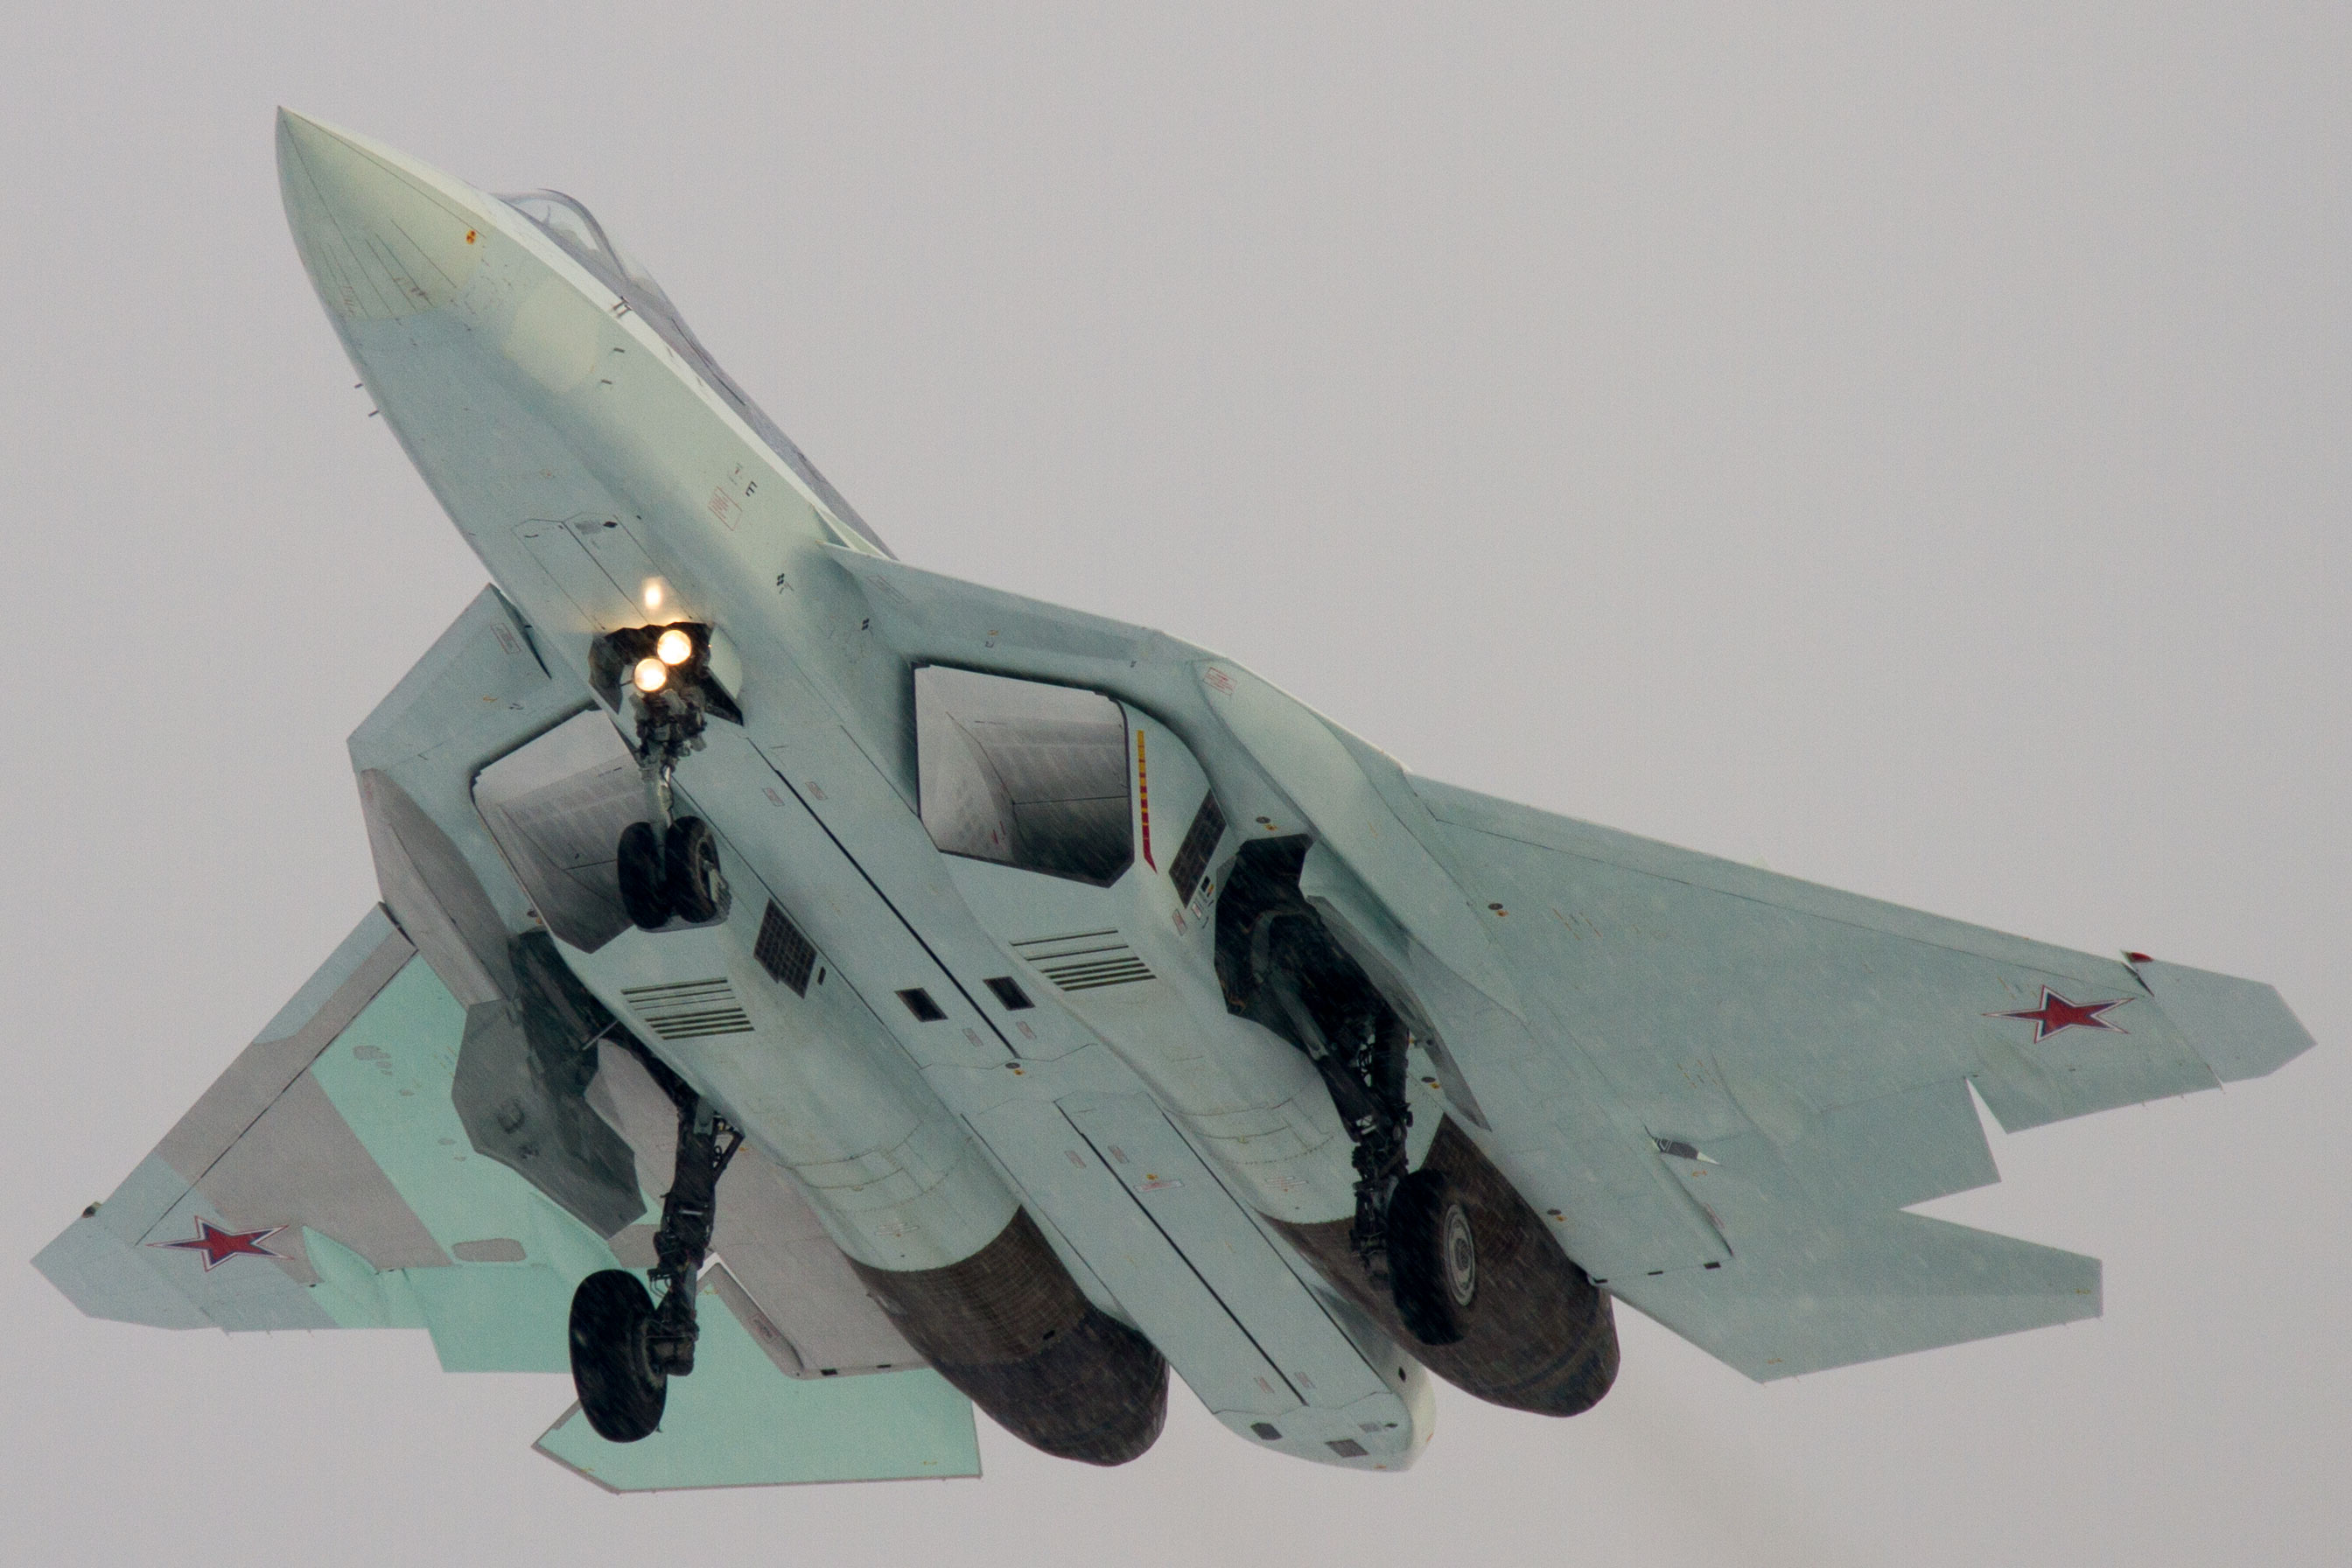 PAK FA T-50 in Chelyabinsk - 1